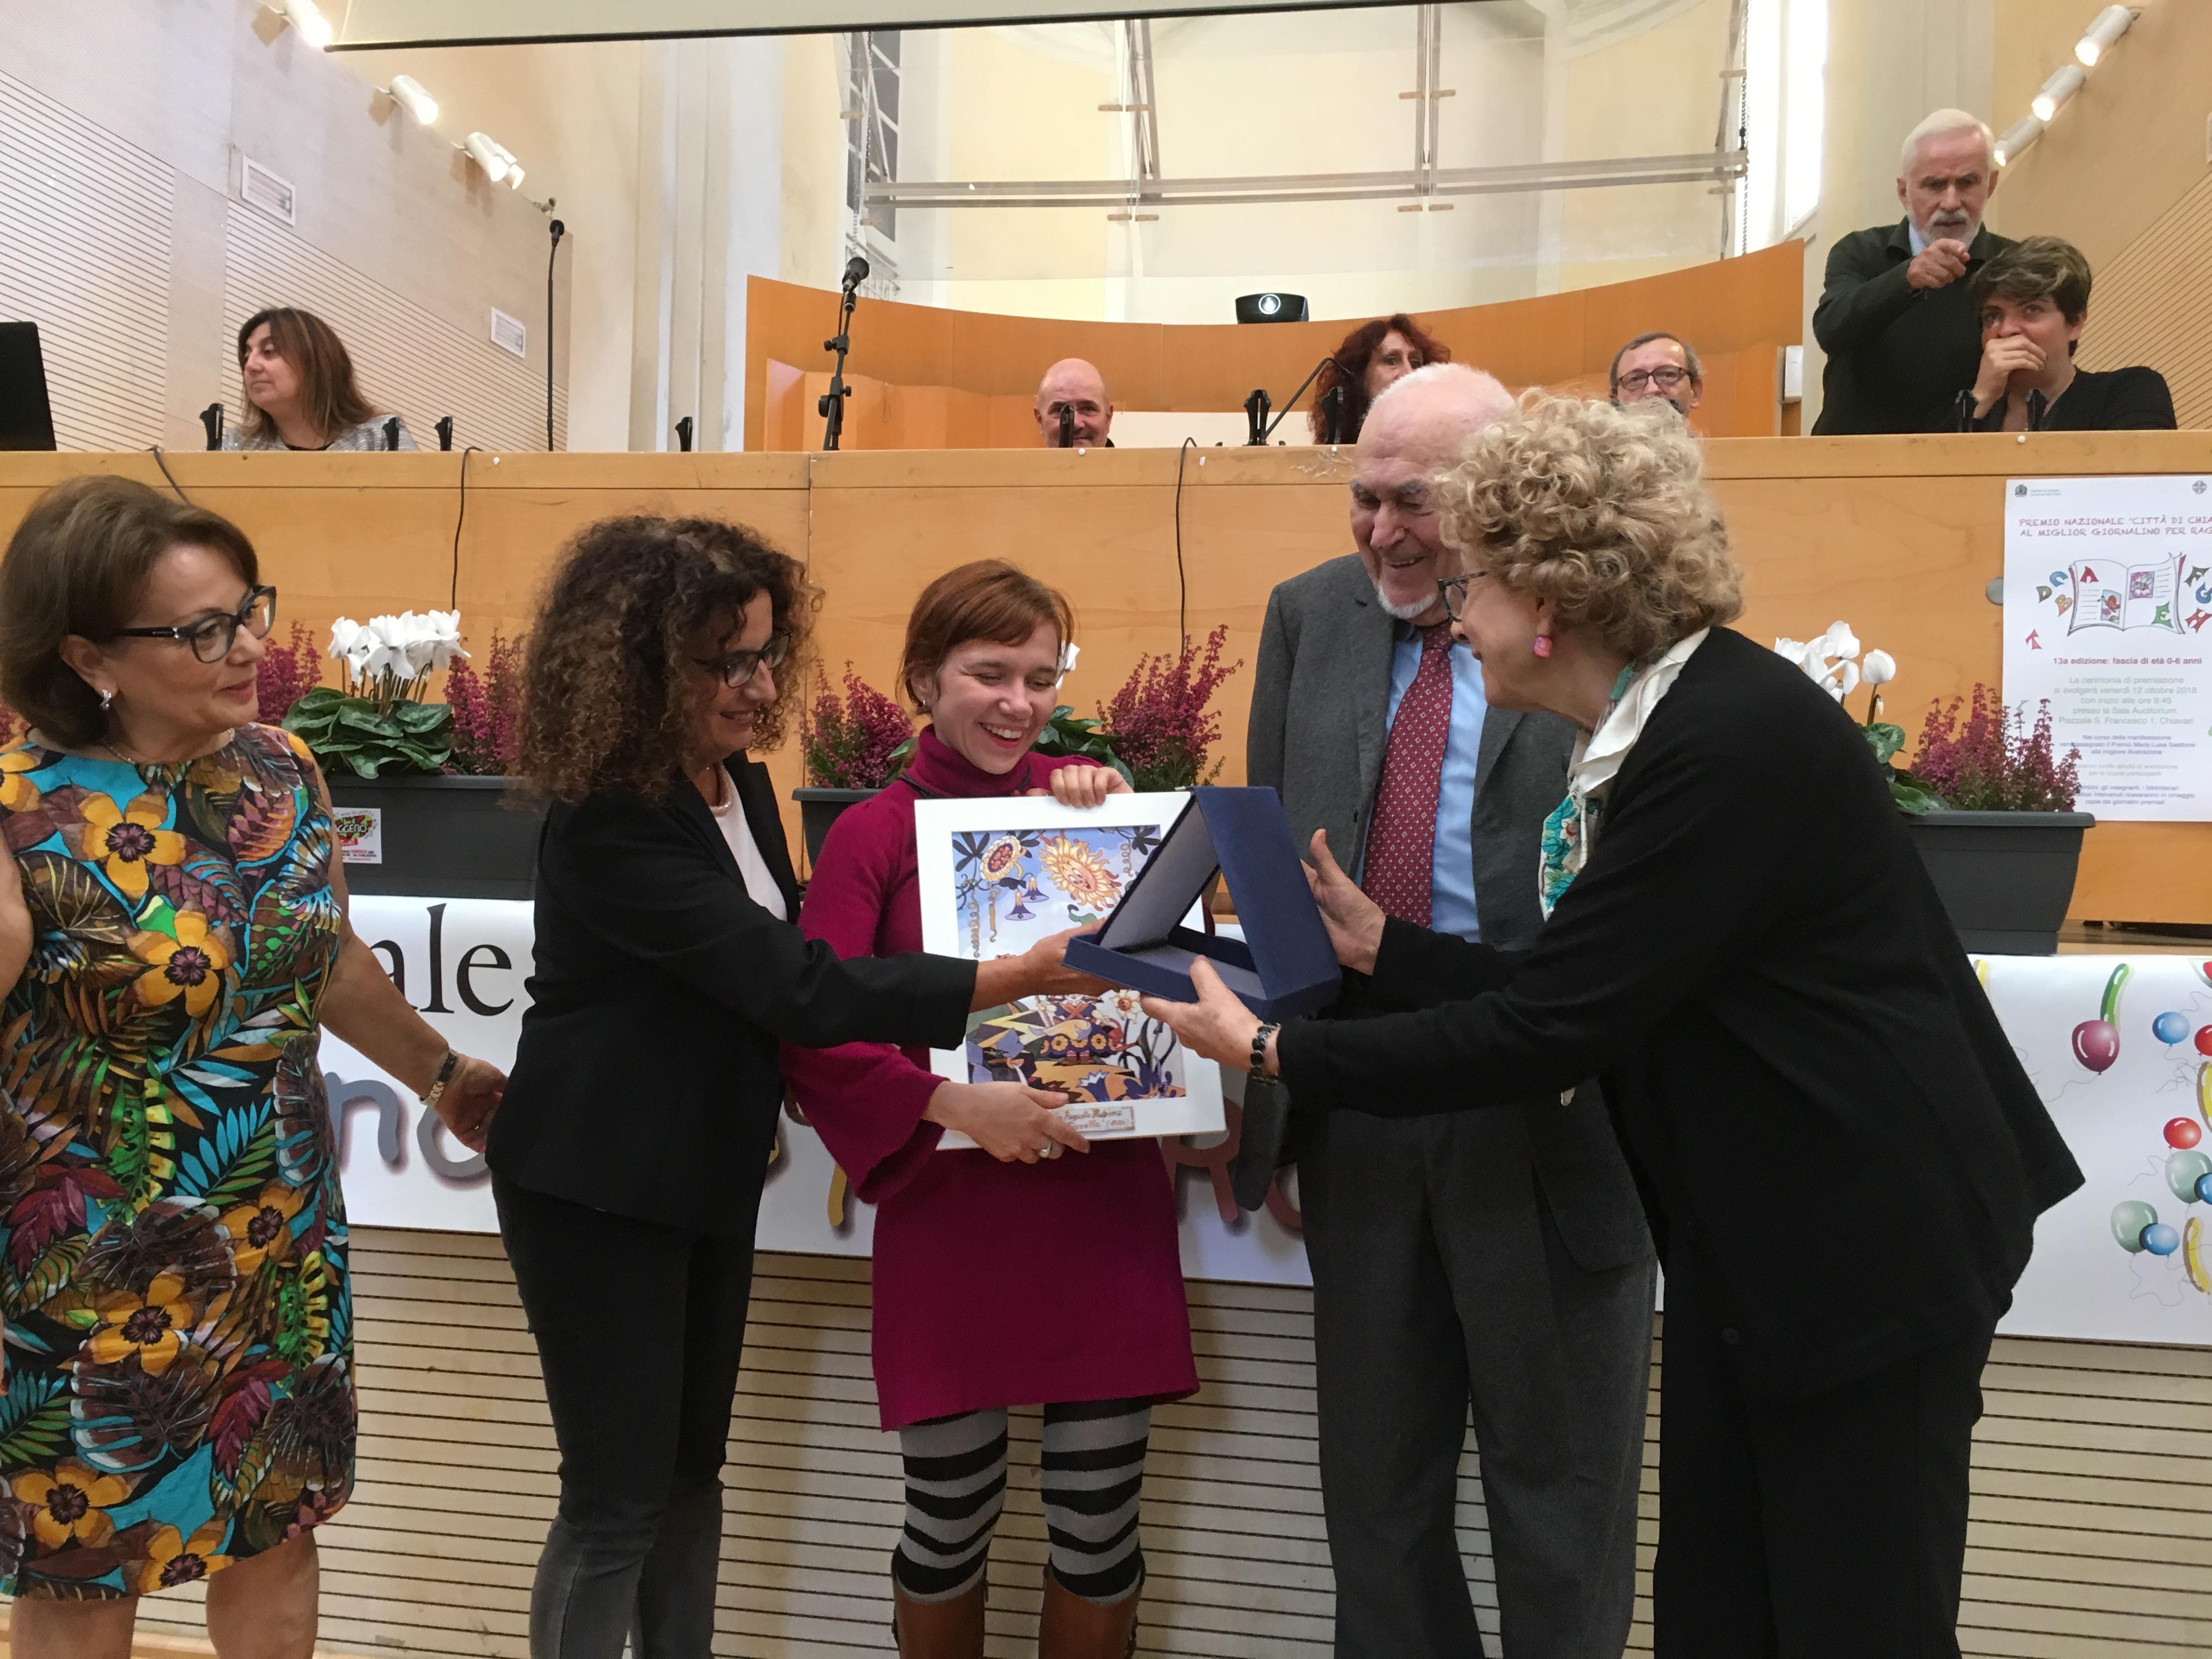 Marino Cassini consegna il Premio ad Anna Forlati come miglior eillustrazione; con loro da sinistra Anastasia Angiuoni, Rosanna Maimone e Laura Ziller